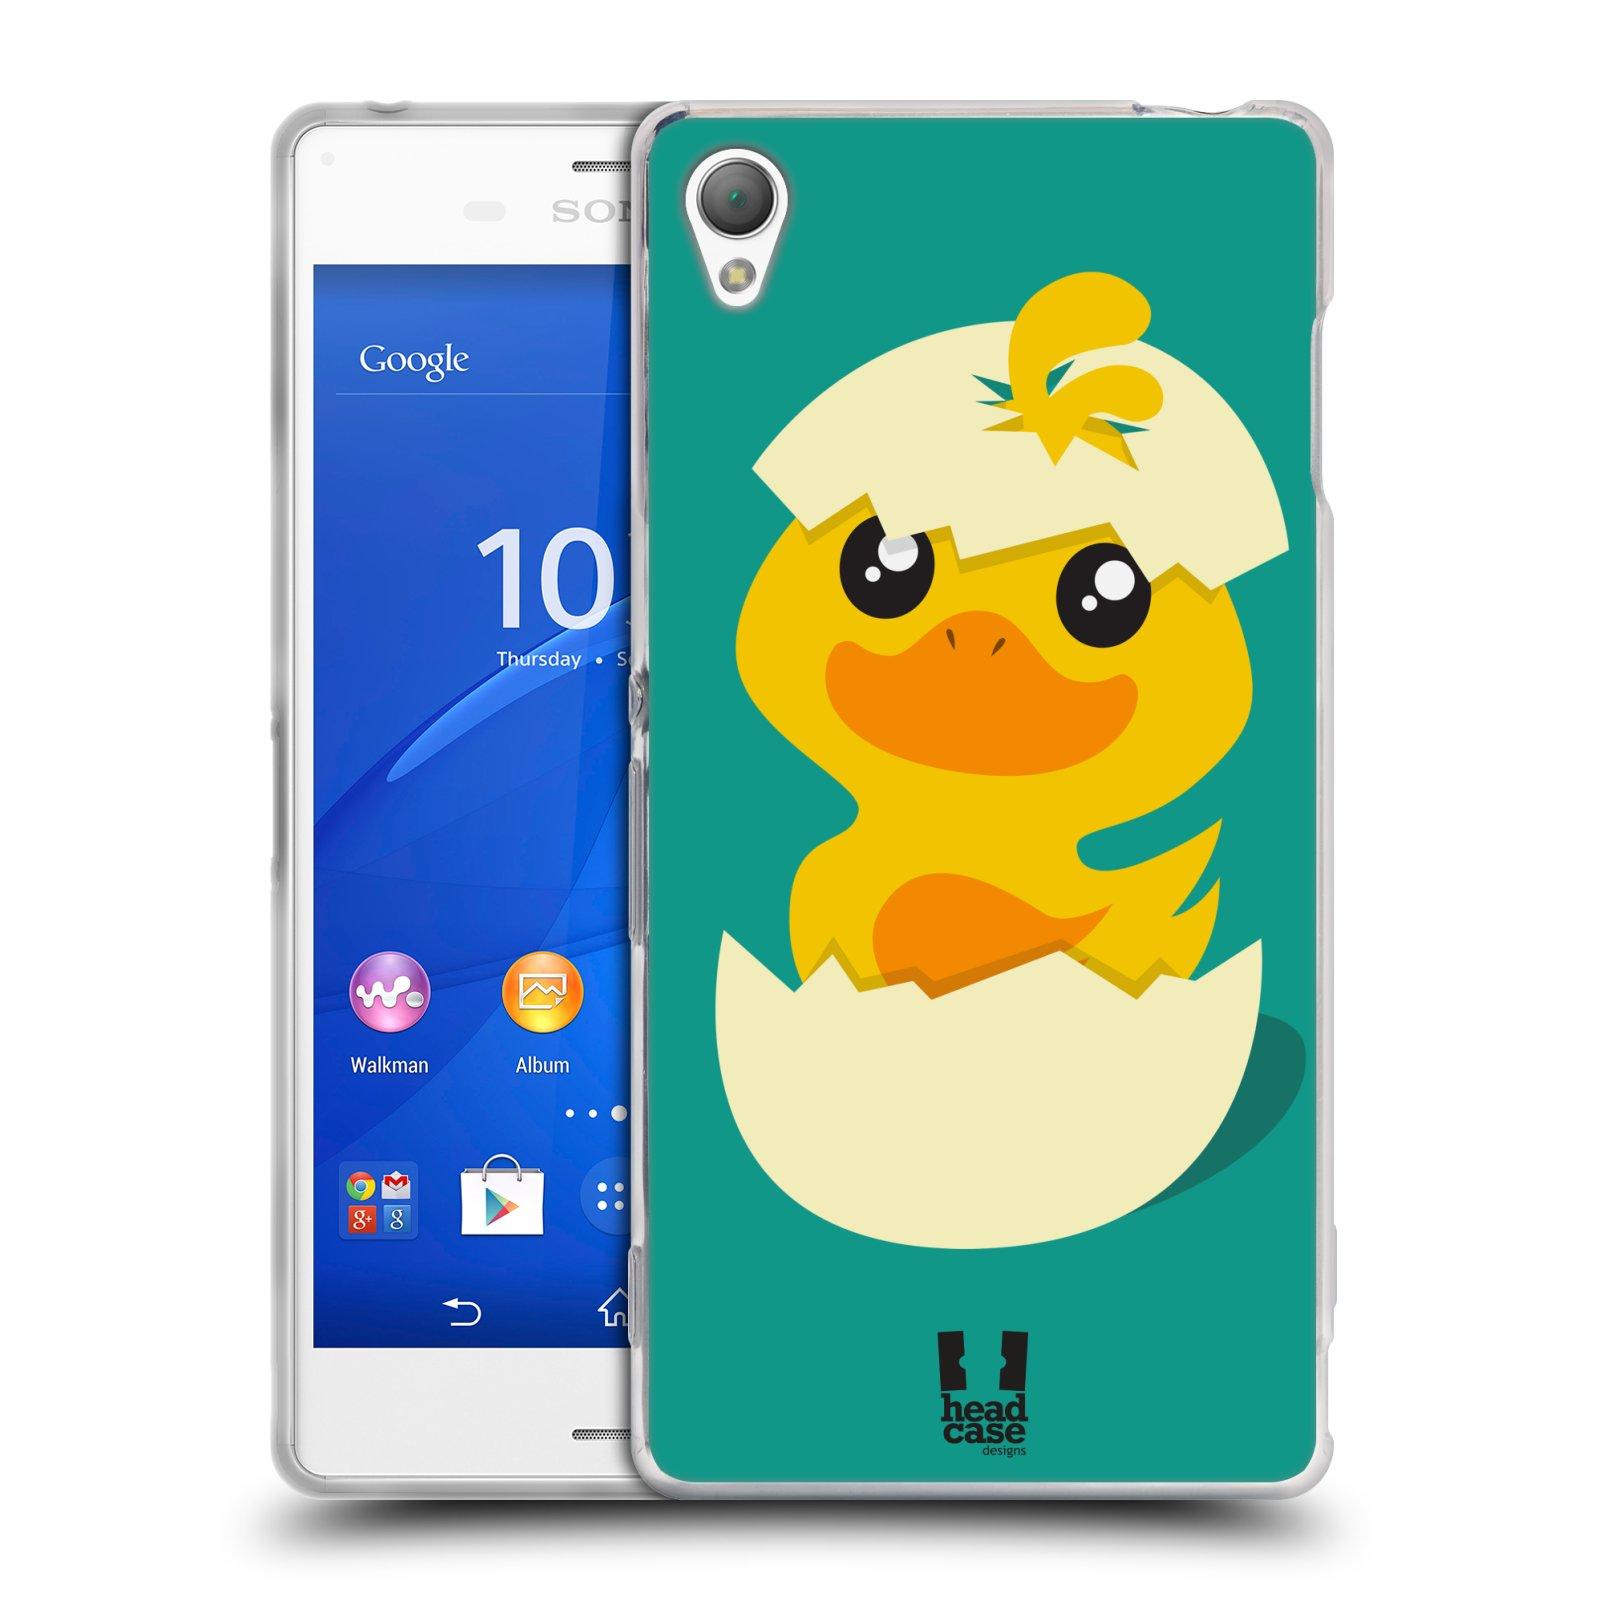 Silikonové pouzdro na mobil Sony Xperia Z3 D6603 HEAD CASE KACHNIČKA Z VAJÍČKA (Silikonový kryt či obal na mobilní telefon Sony Xperia Z3)